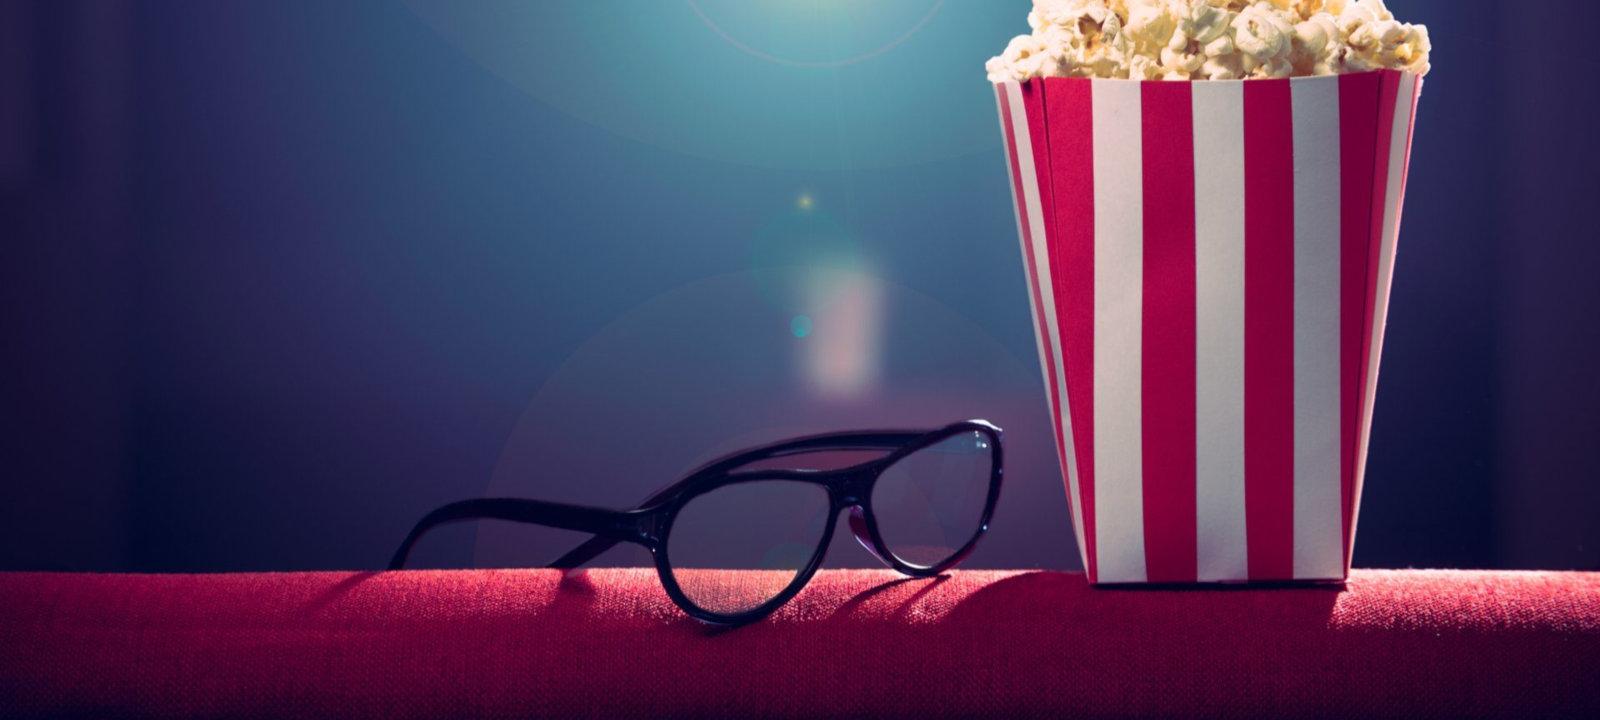 Казахстанский разработчик готов спасти кинотеатры от кризиса. В чем инновация?